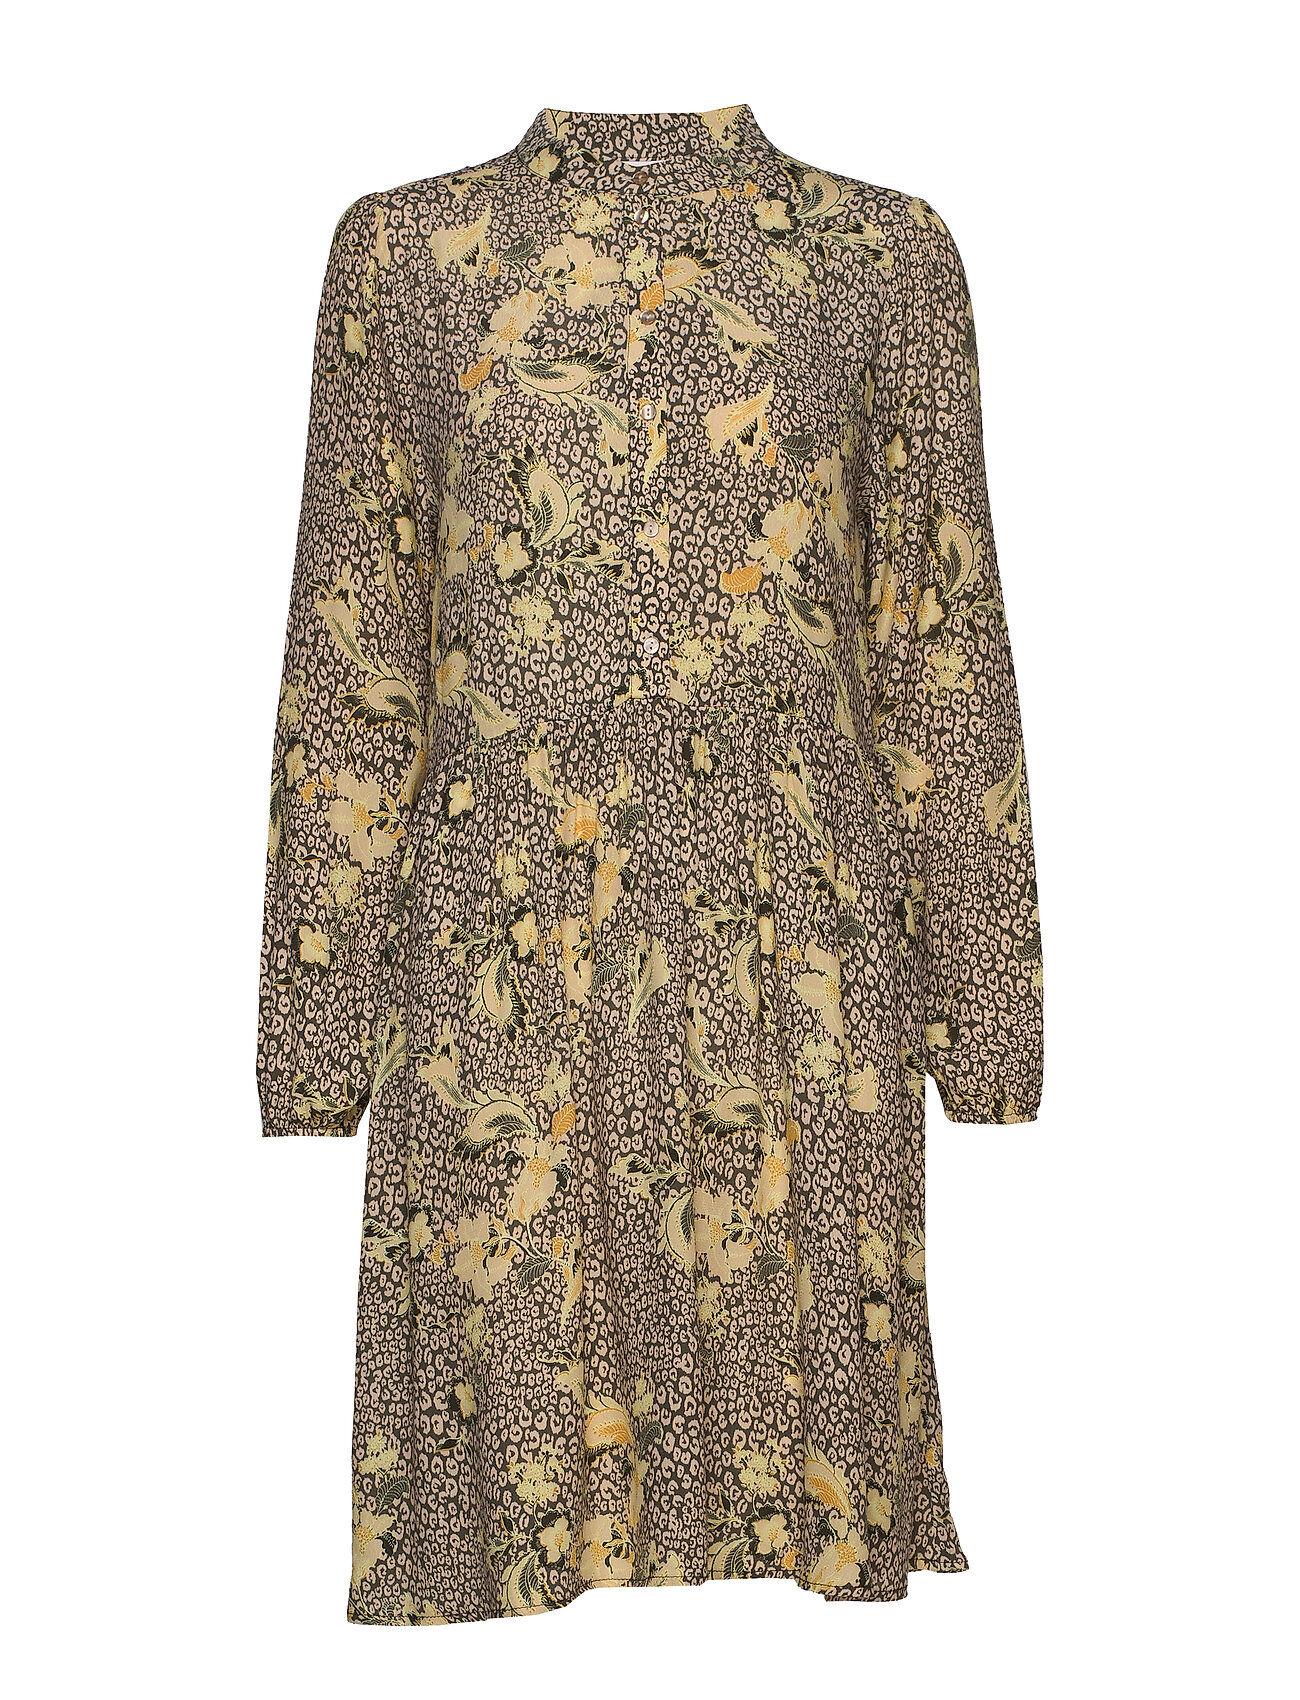 Saint Tropez Jennasz Paisley Woven Dress Animal Lyhyt Mekko Monivärinen/Kuvioitu Saint Tropez